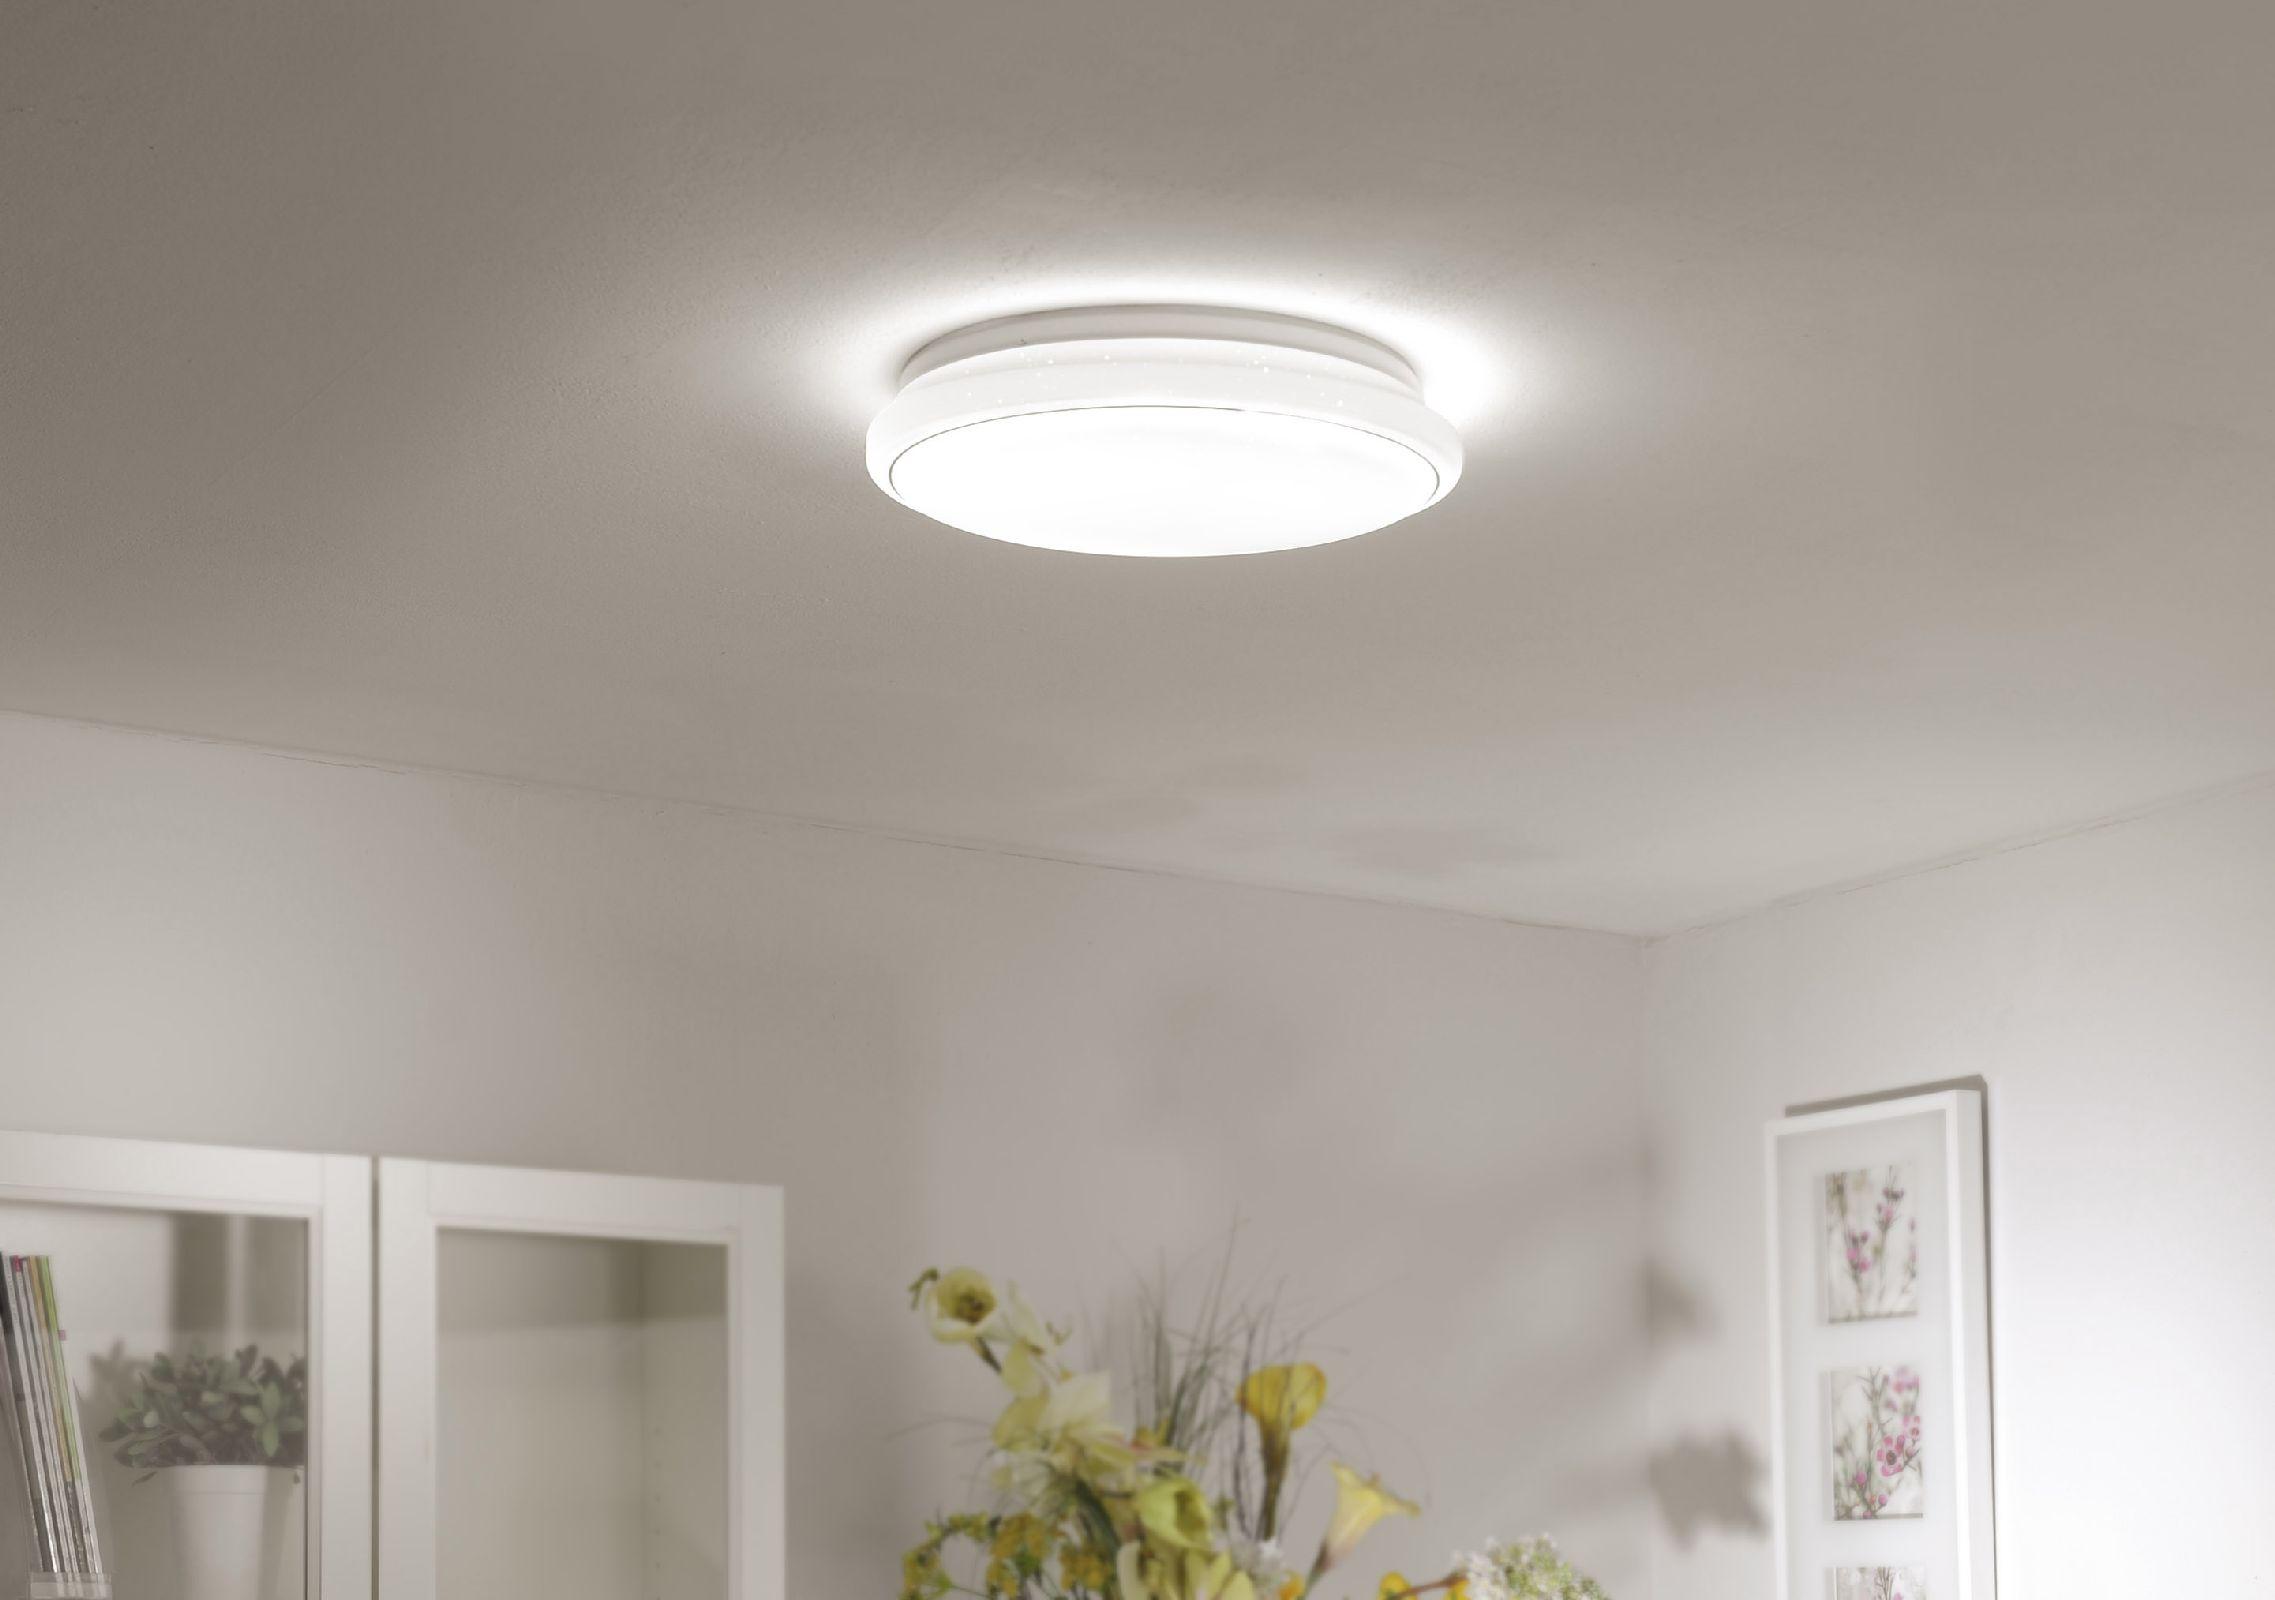 led deckenleuchte leuchtendirekt 14364 16 jupiter 32 w. Black Bedroom Furniture Sets. Home Design Ideas